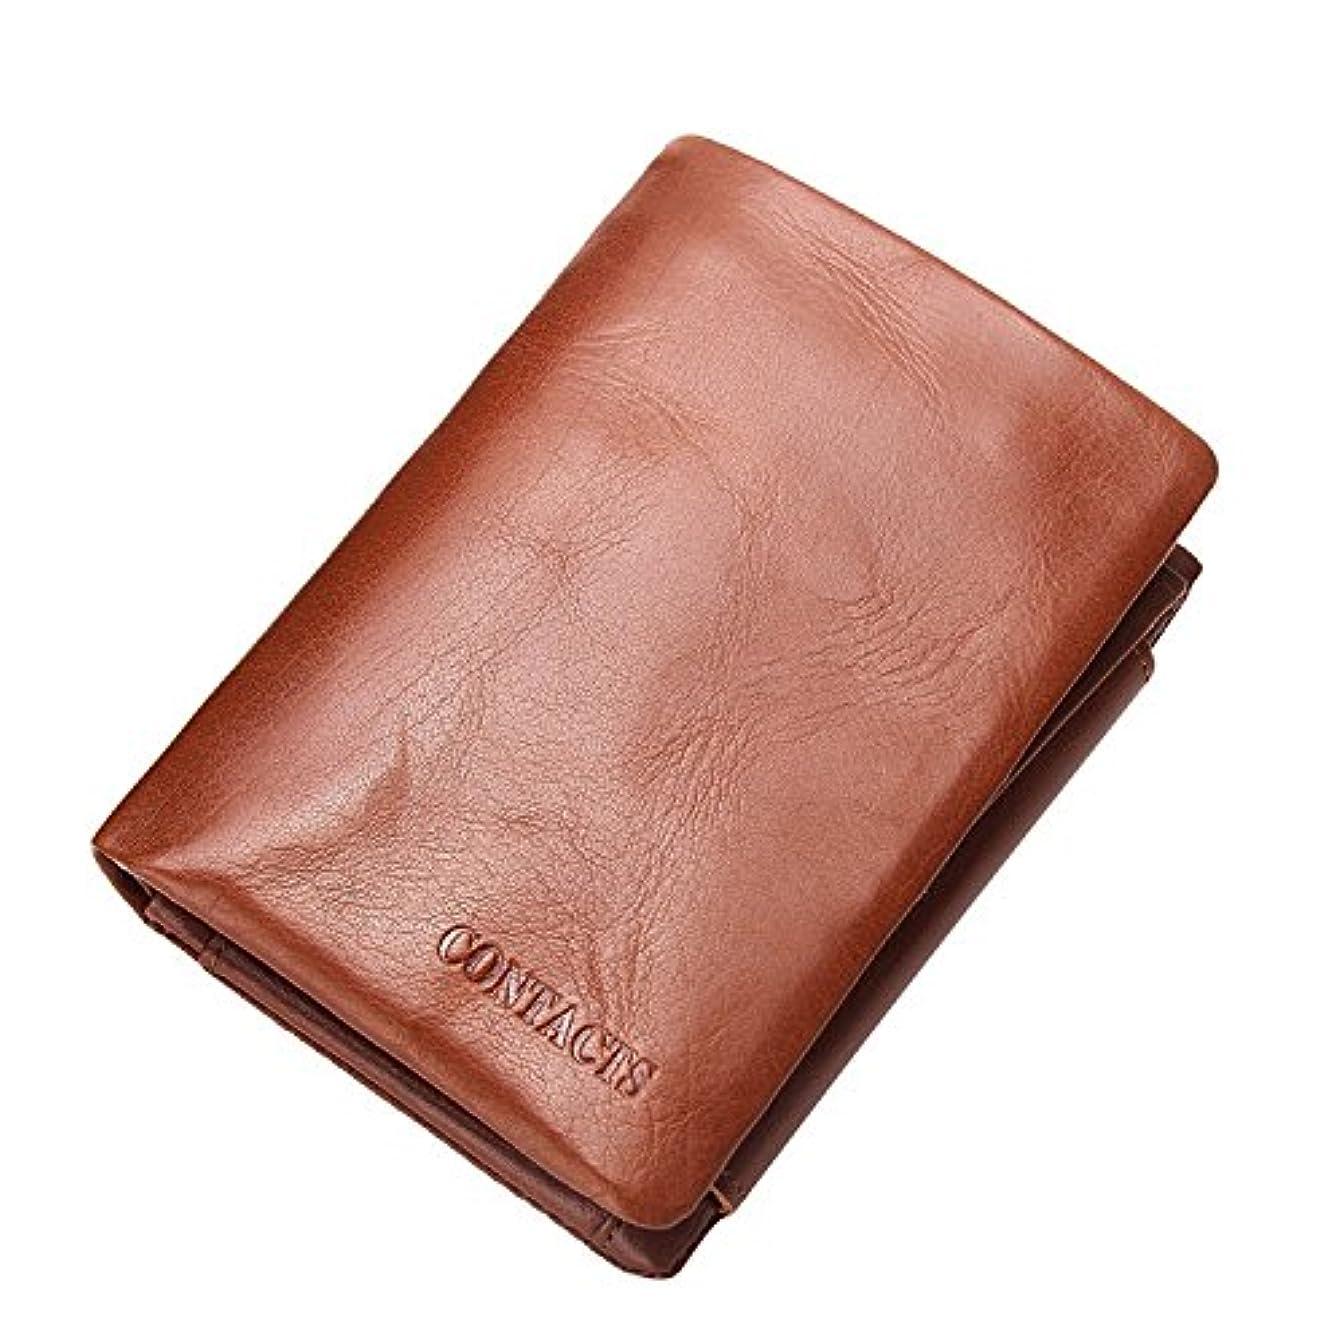 クローン資源魅了するHIRAM 新着メンズ財布 本革財布 男の三つ折り短財布 高級感あふれるそざい(DIY)無料です